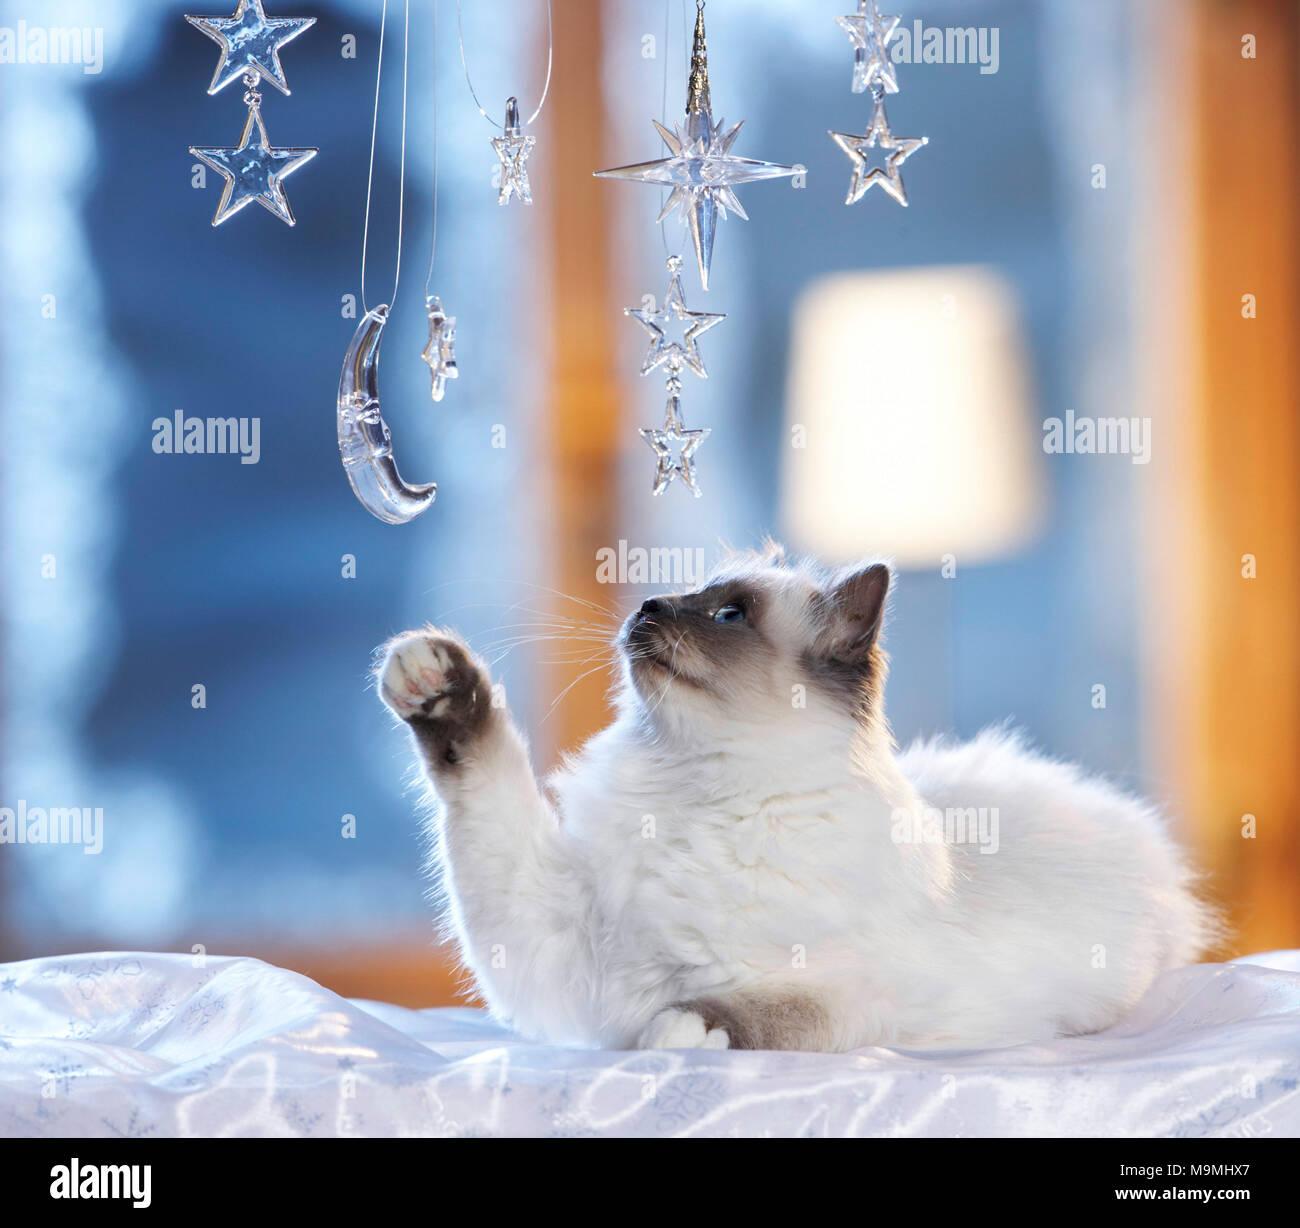 Natale: gatto Sacri di Birmania giocando con la luna e le stelle fatte di vetro in una festosa decorati finestra. Germania Immagini Stock